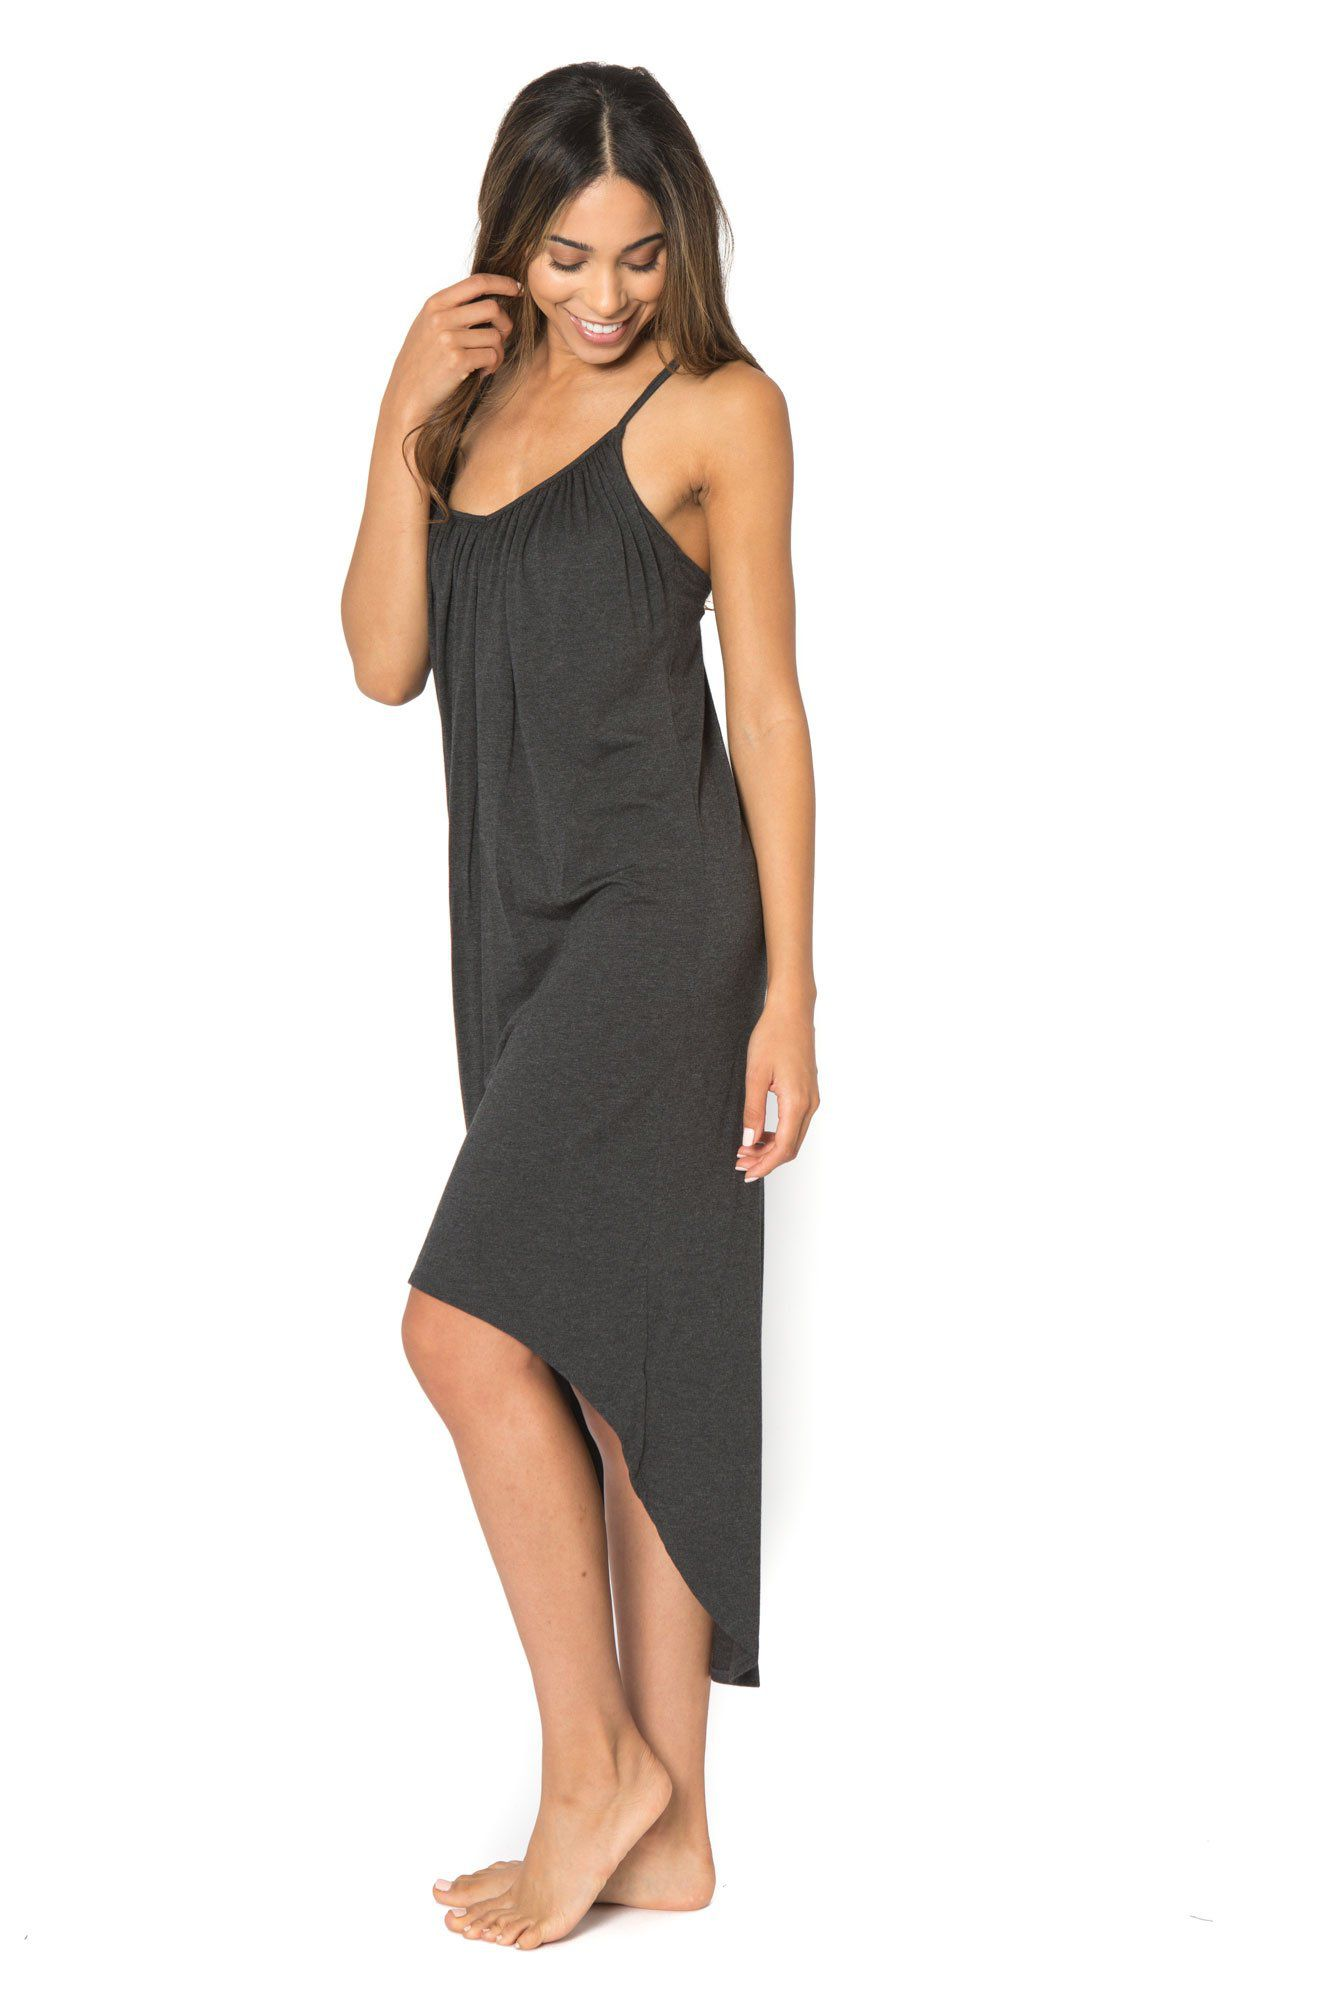 JJ Winks Room Service Maxi Nightgown